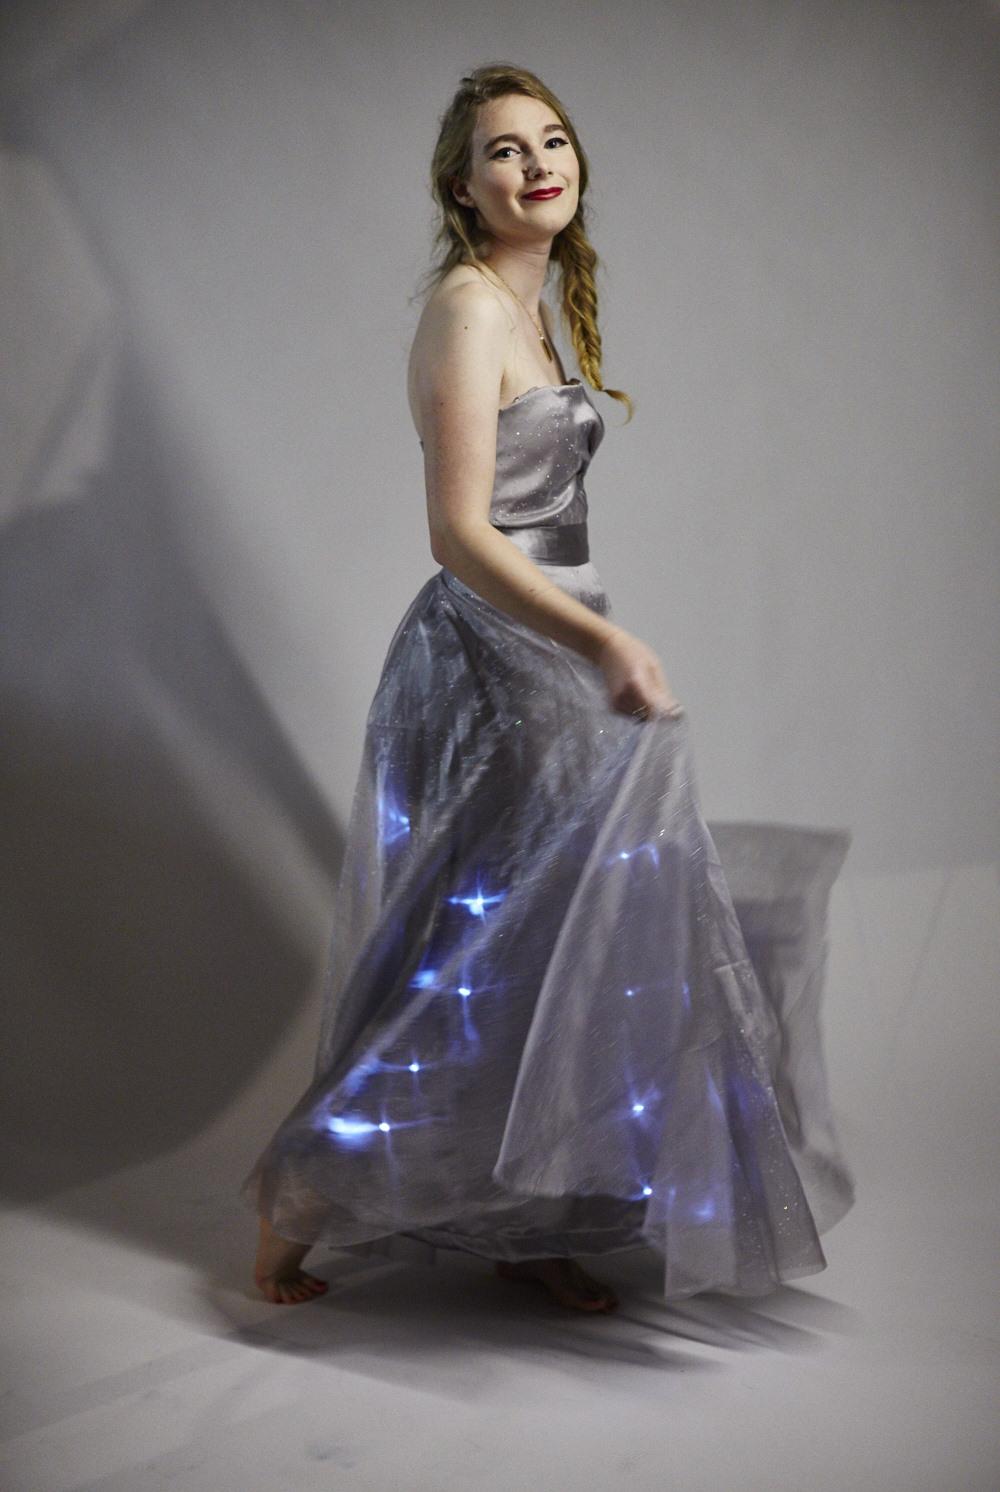 Michelle Warner's dazzling DIY dress